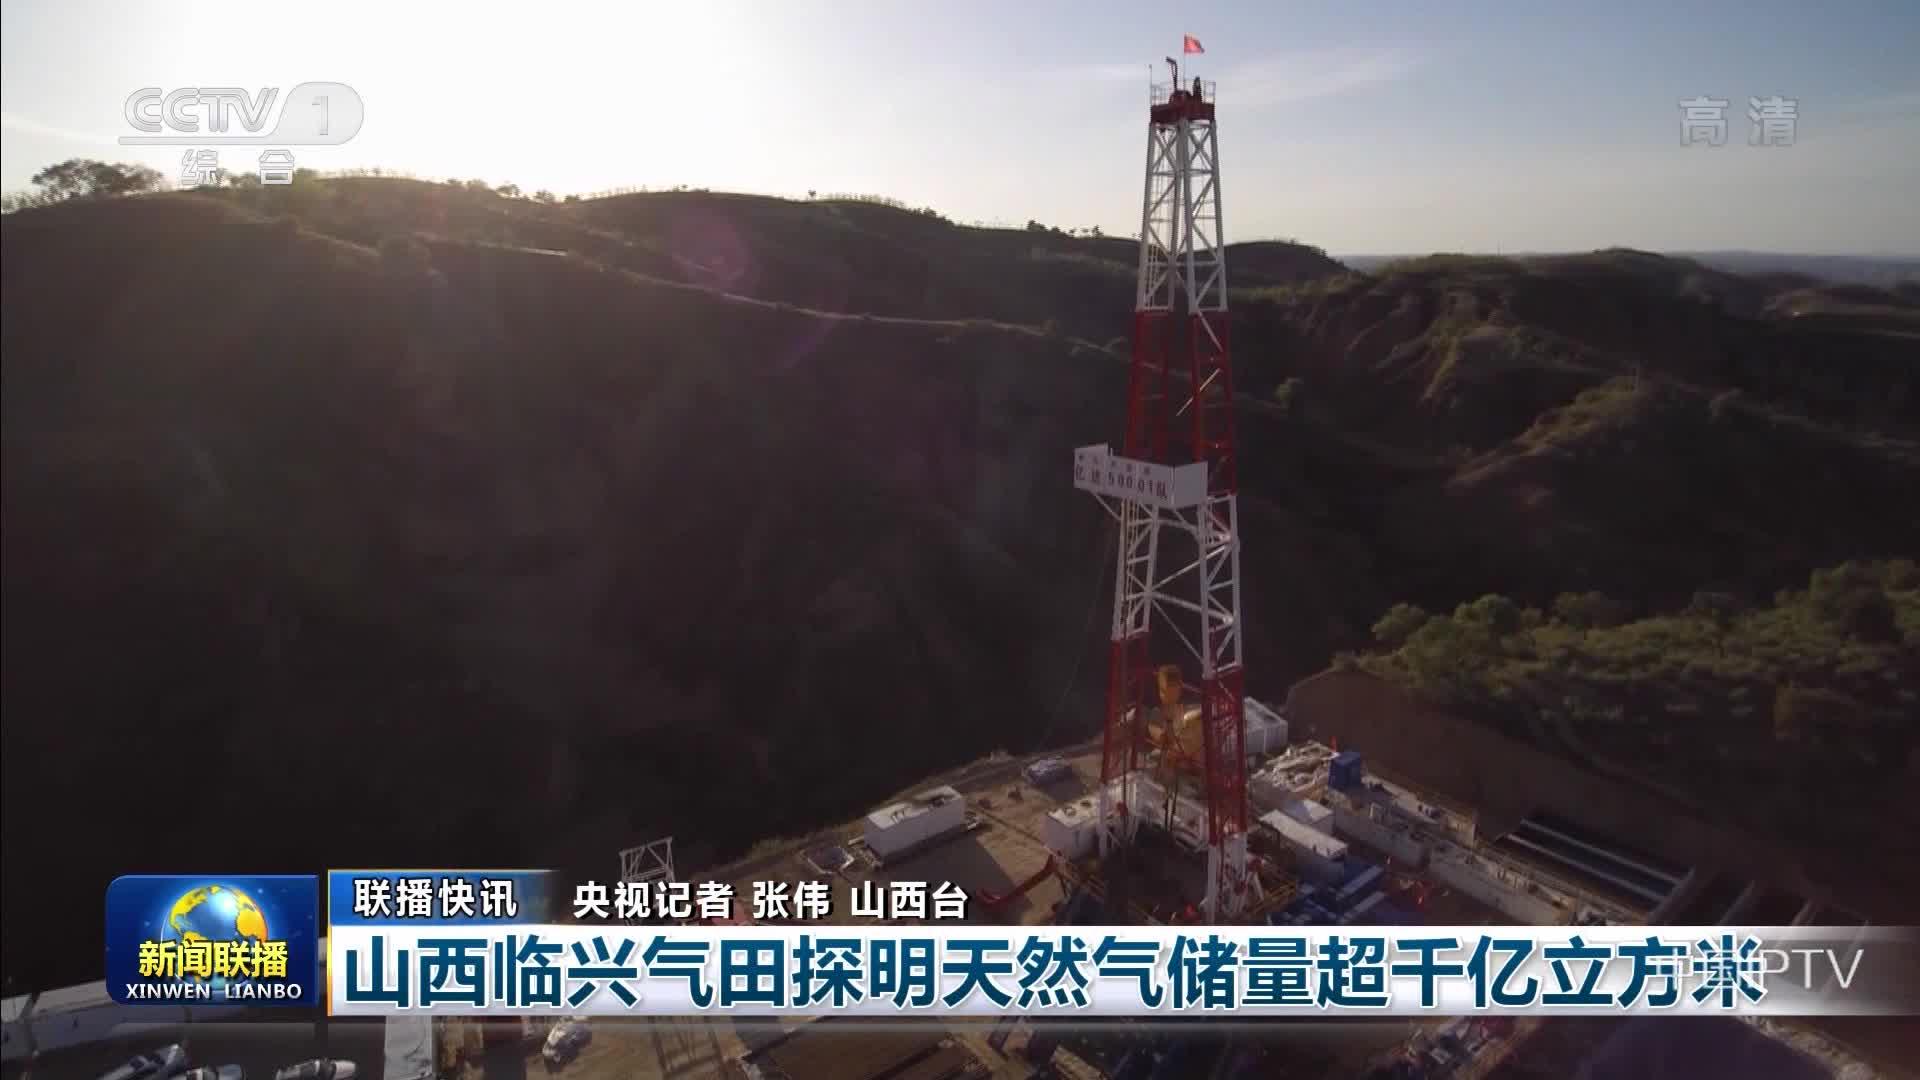 山西临兴气田探明天然气储量超千亿立方米